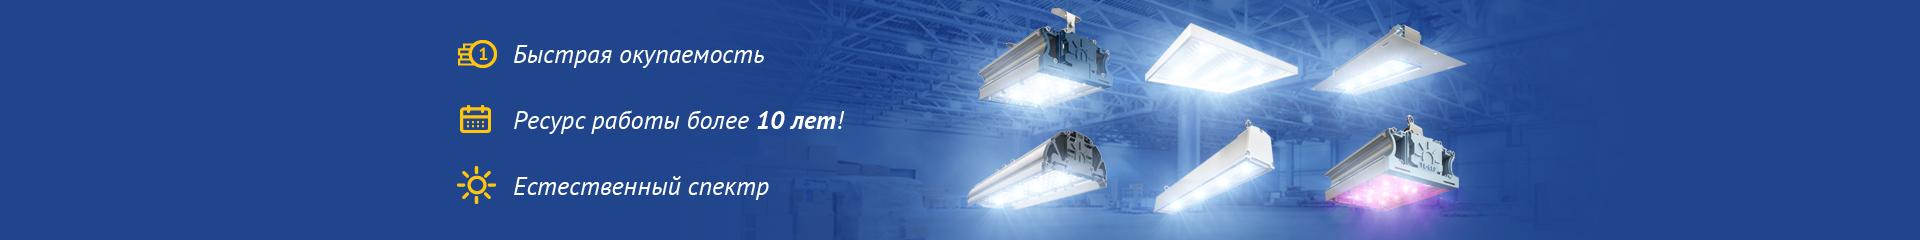 Уличные светодиодные светильники - купить с доставкой